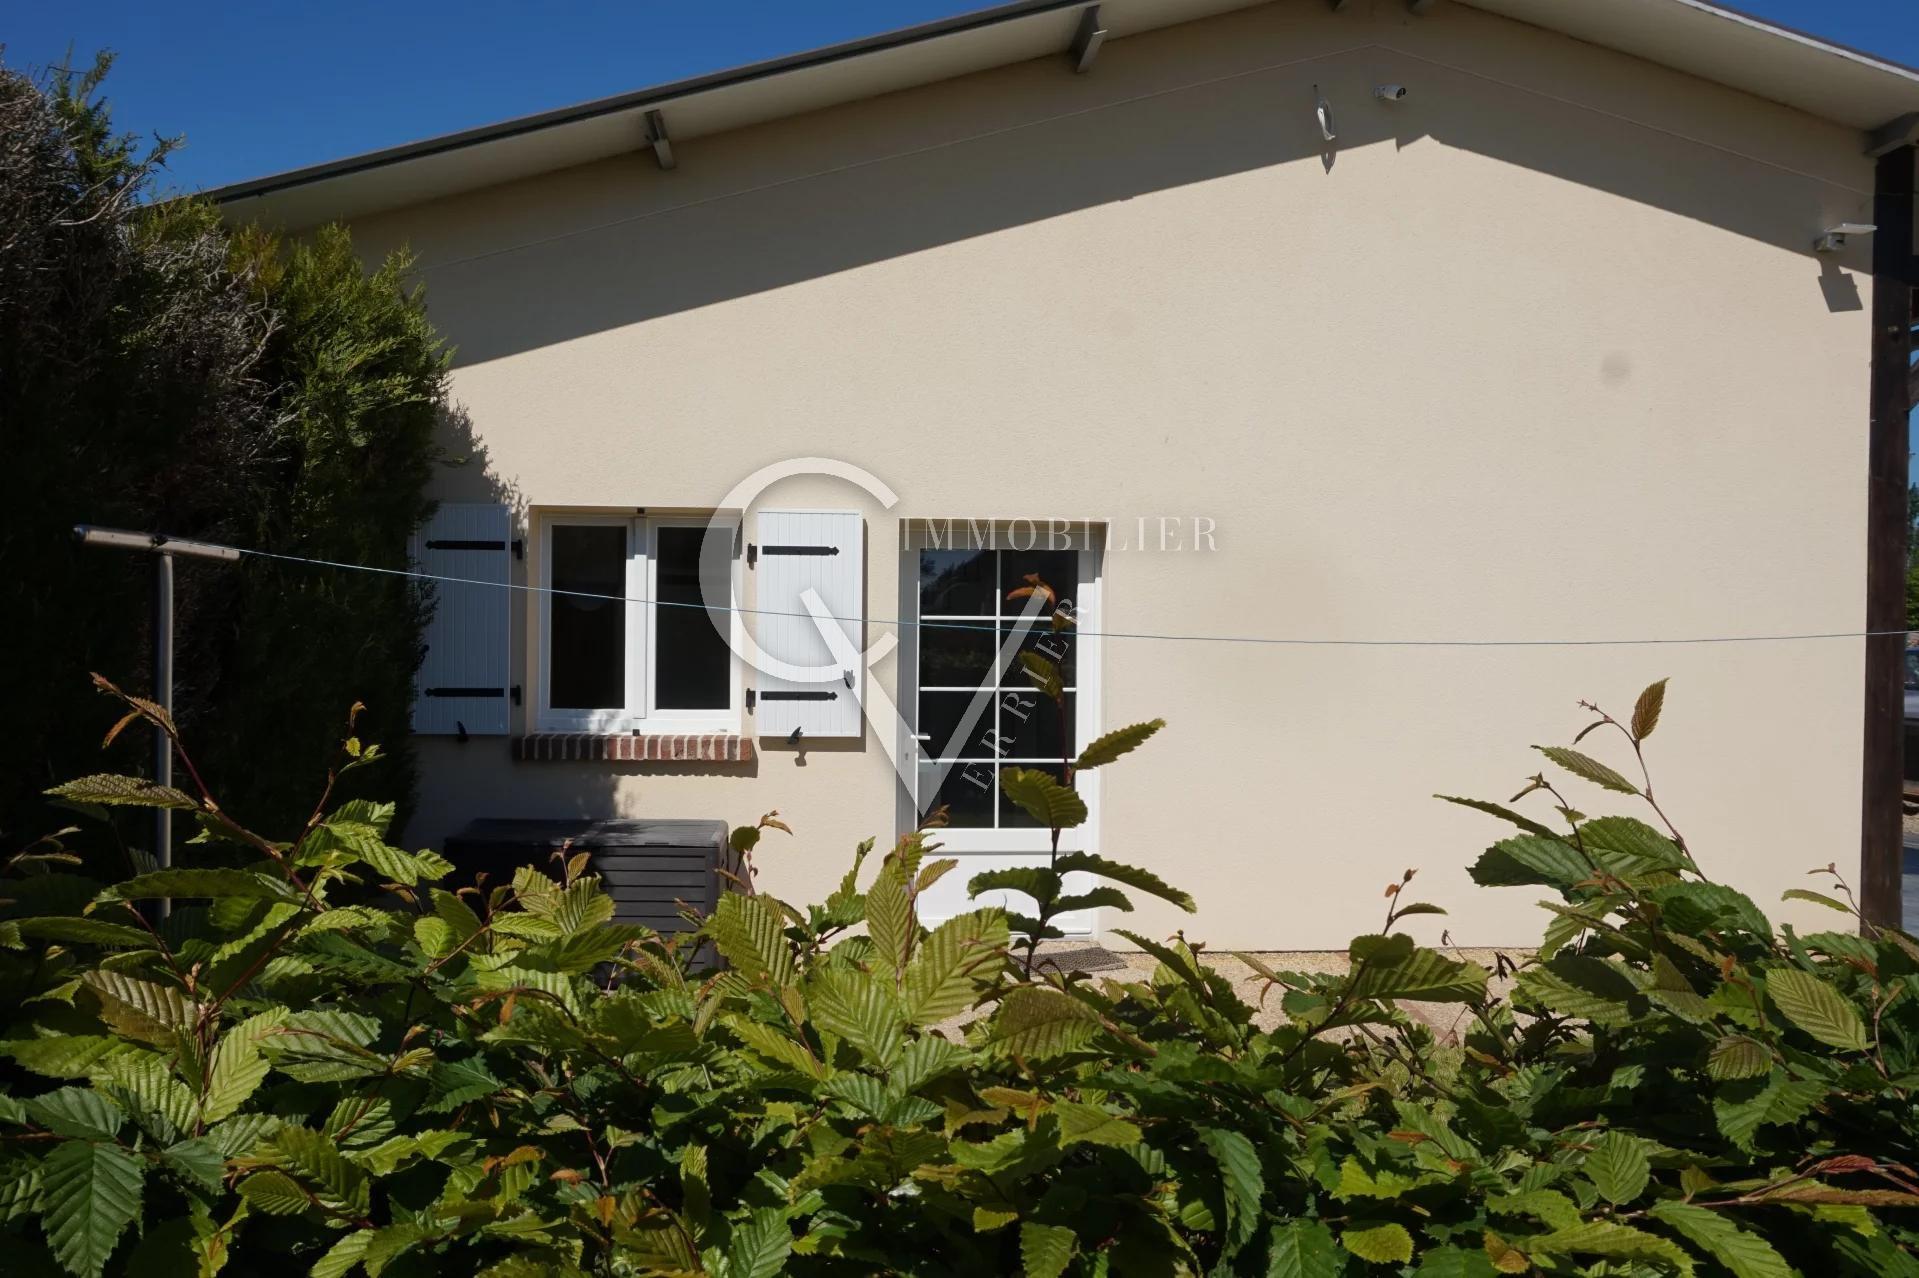 Propriété comprenant une maison, un hangar et un duplex